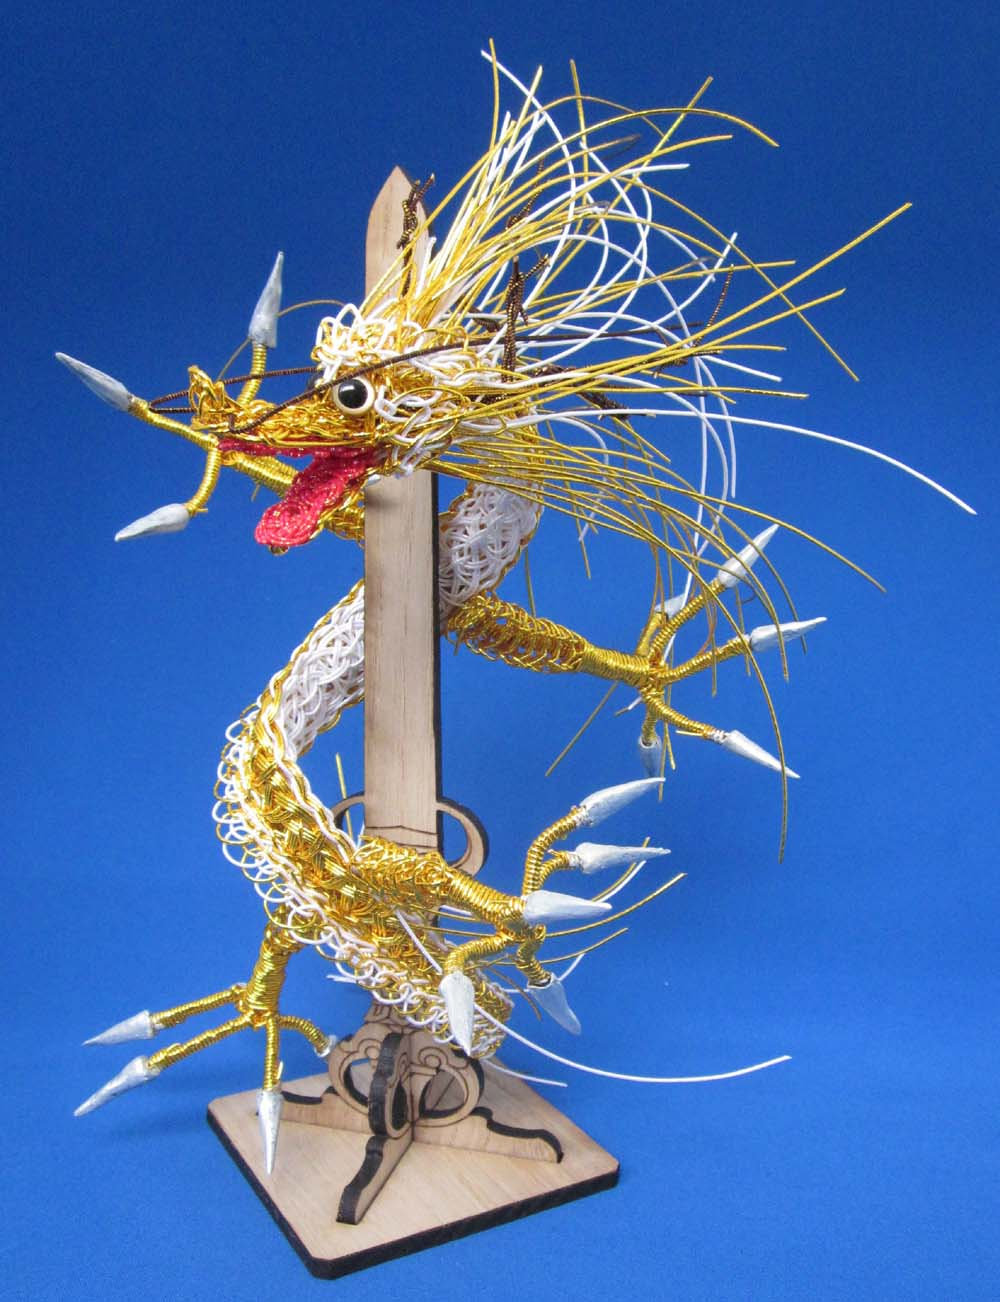 剣龍金色 背景ブルー其の二